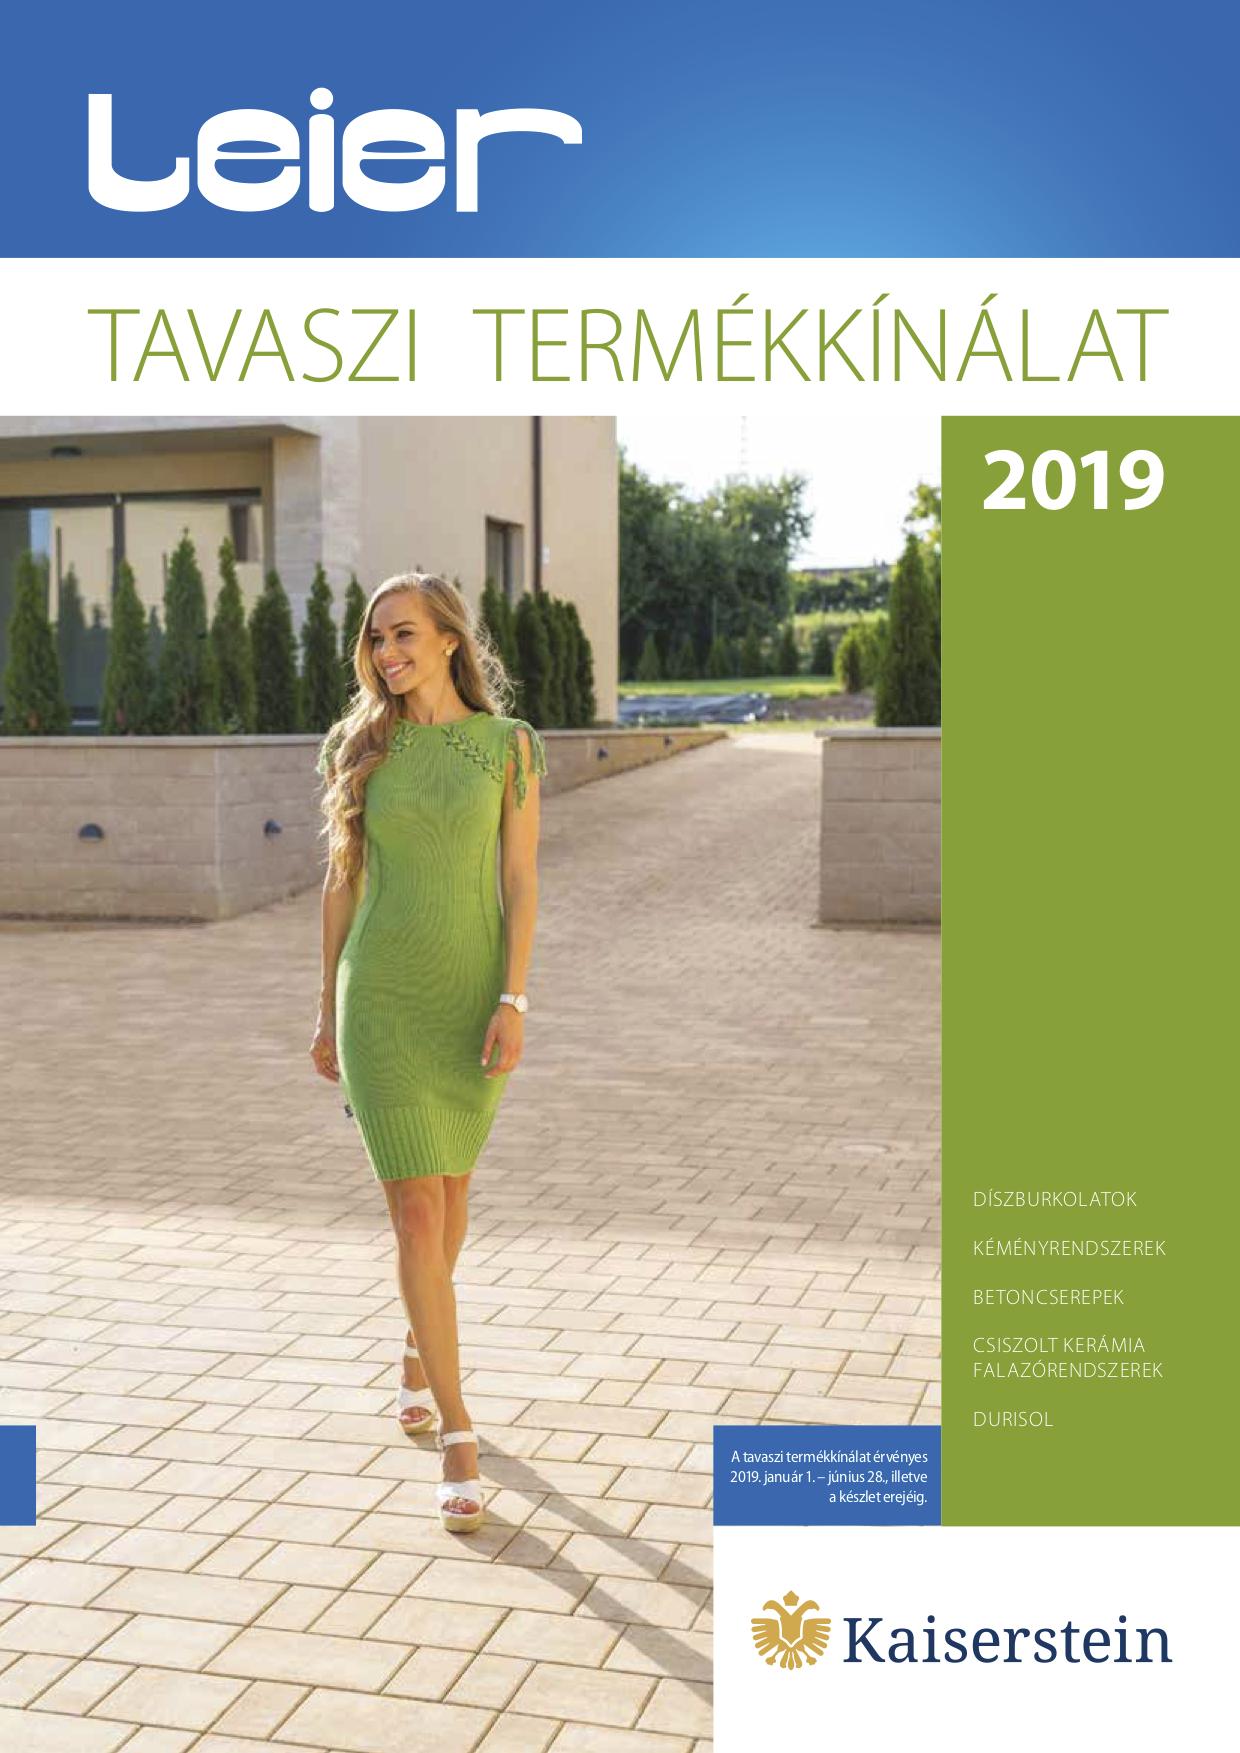 Leier_Tavaszi_ajanlat_2019_v9-1 (dragged)